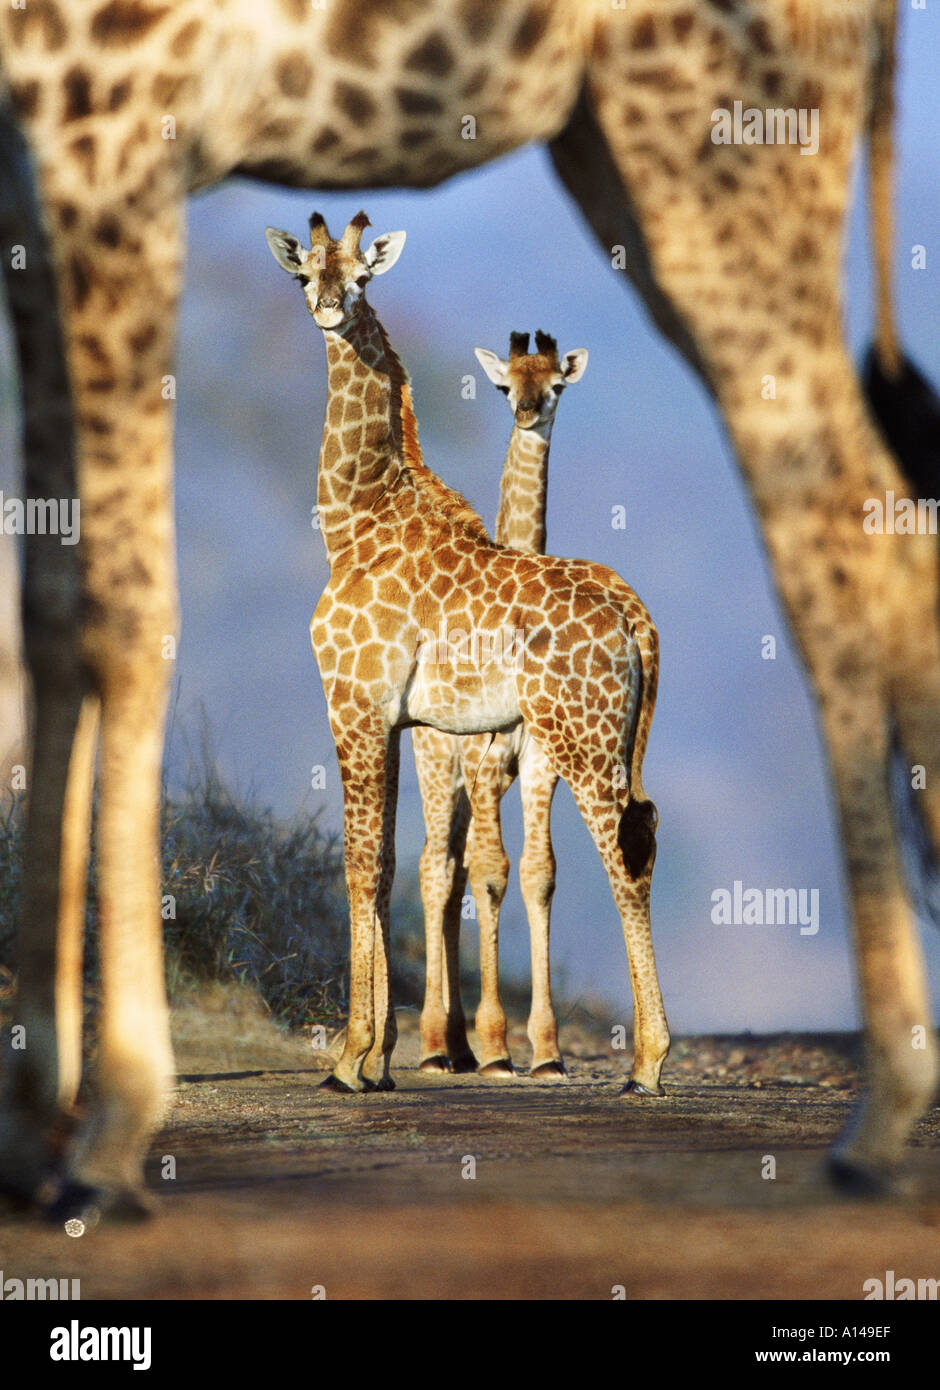 Giraffen, umrahmt von den Beinen der anderen Giraffe Südafrika Stockbild